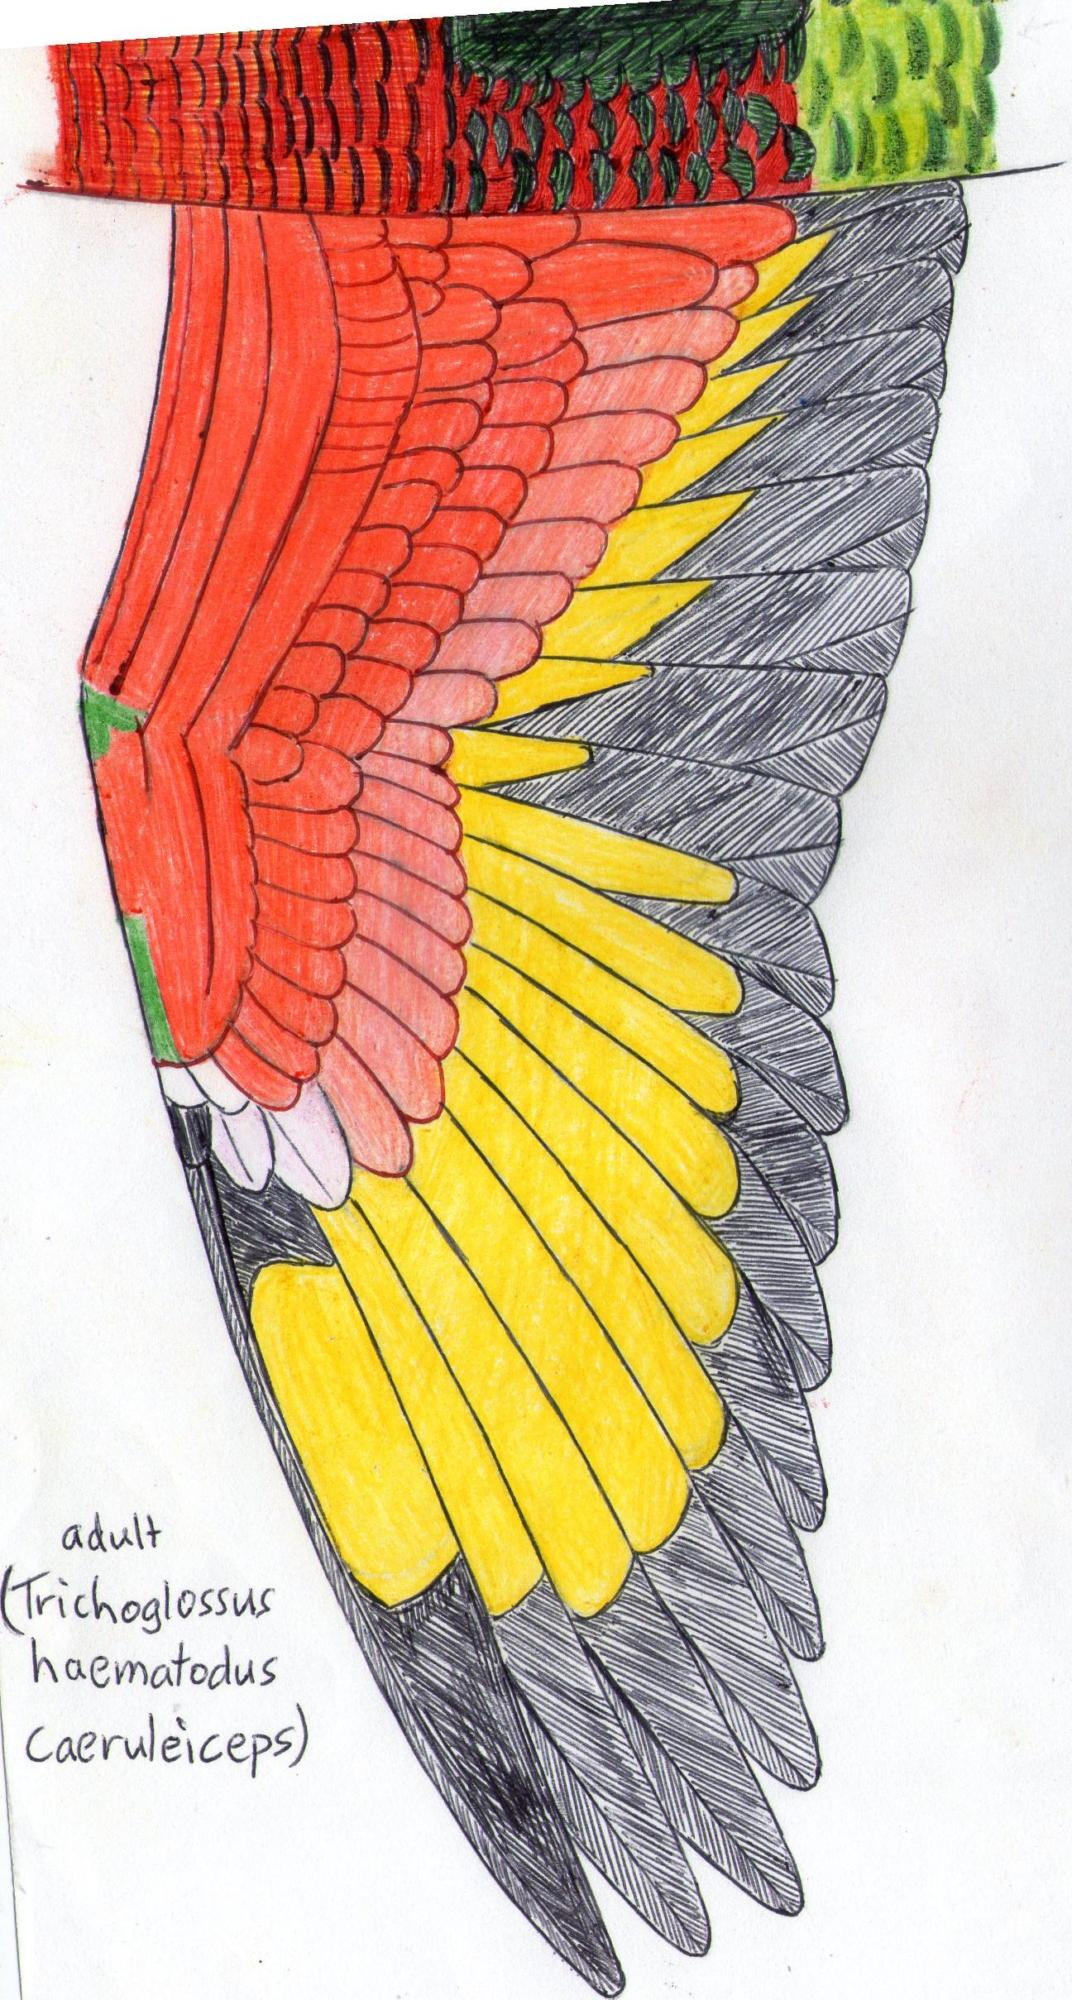 Wing of rainbow lorikeet (trichoplossus haematodus caeruleiceps)